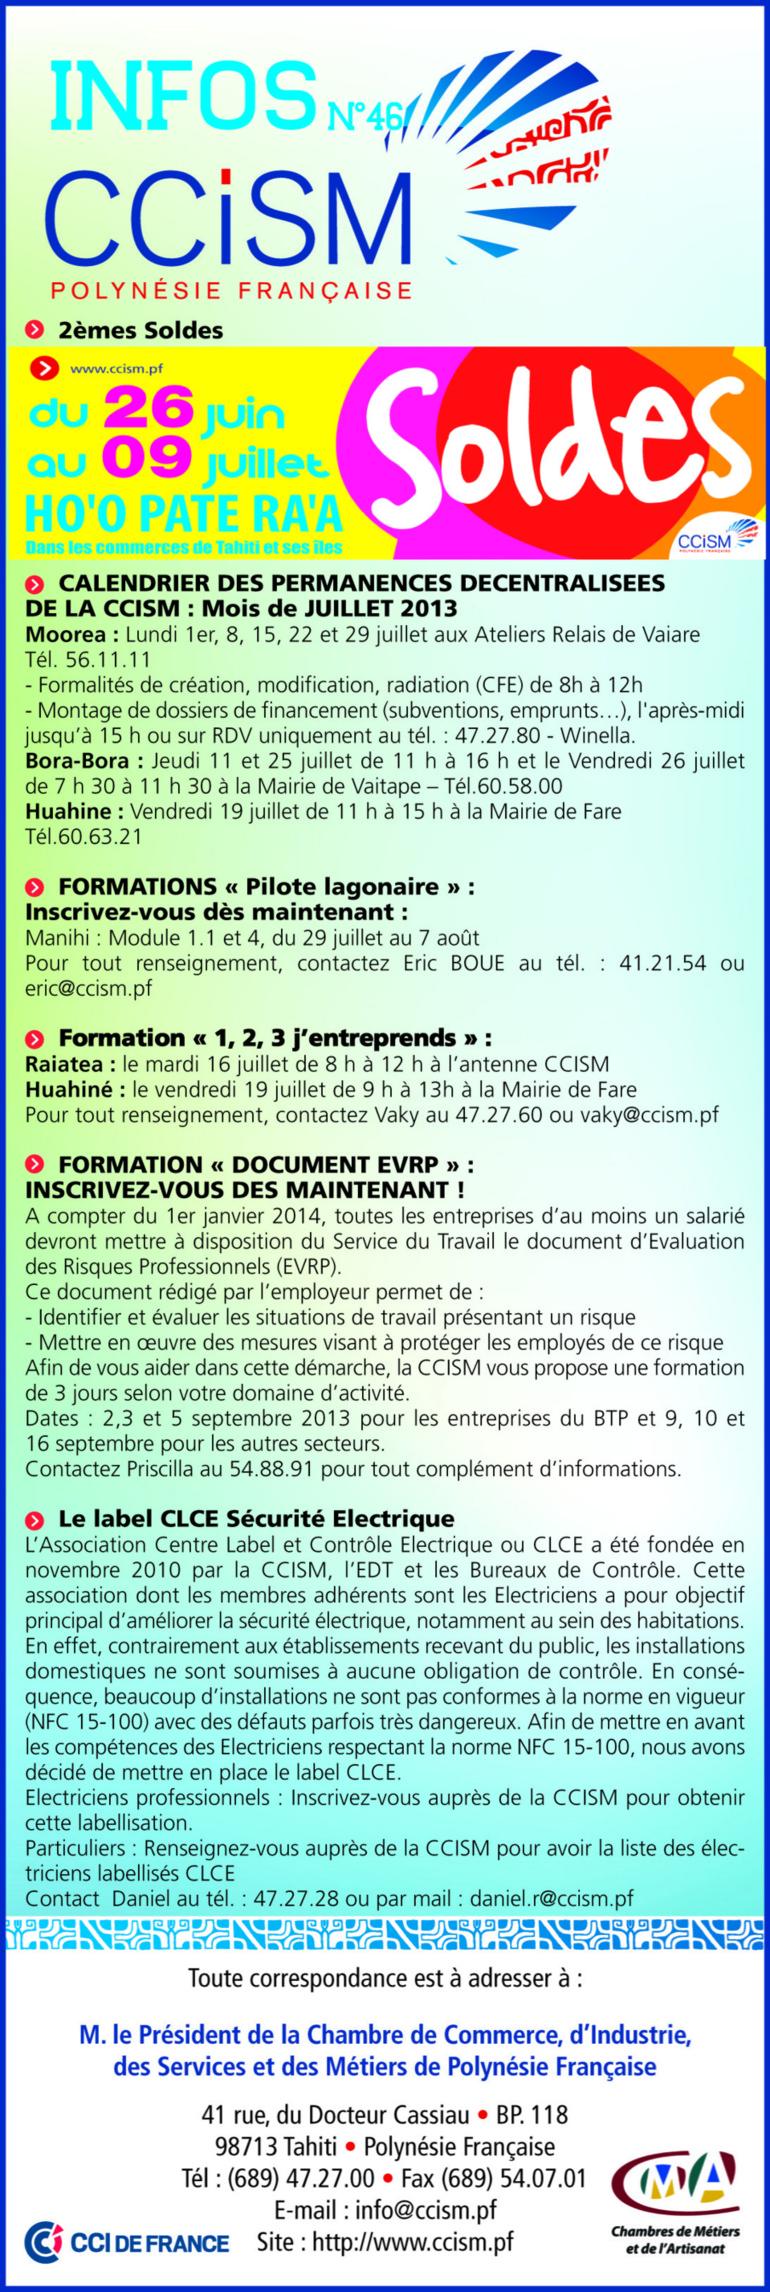 Infos CCISM N°46